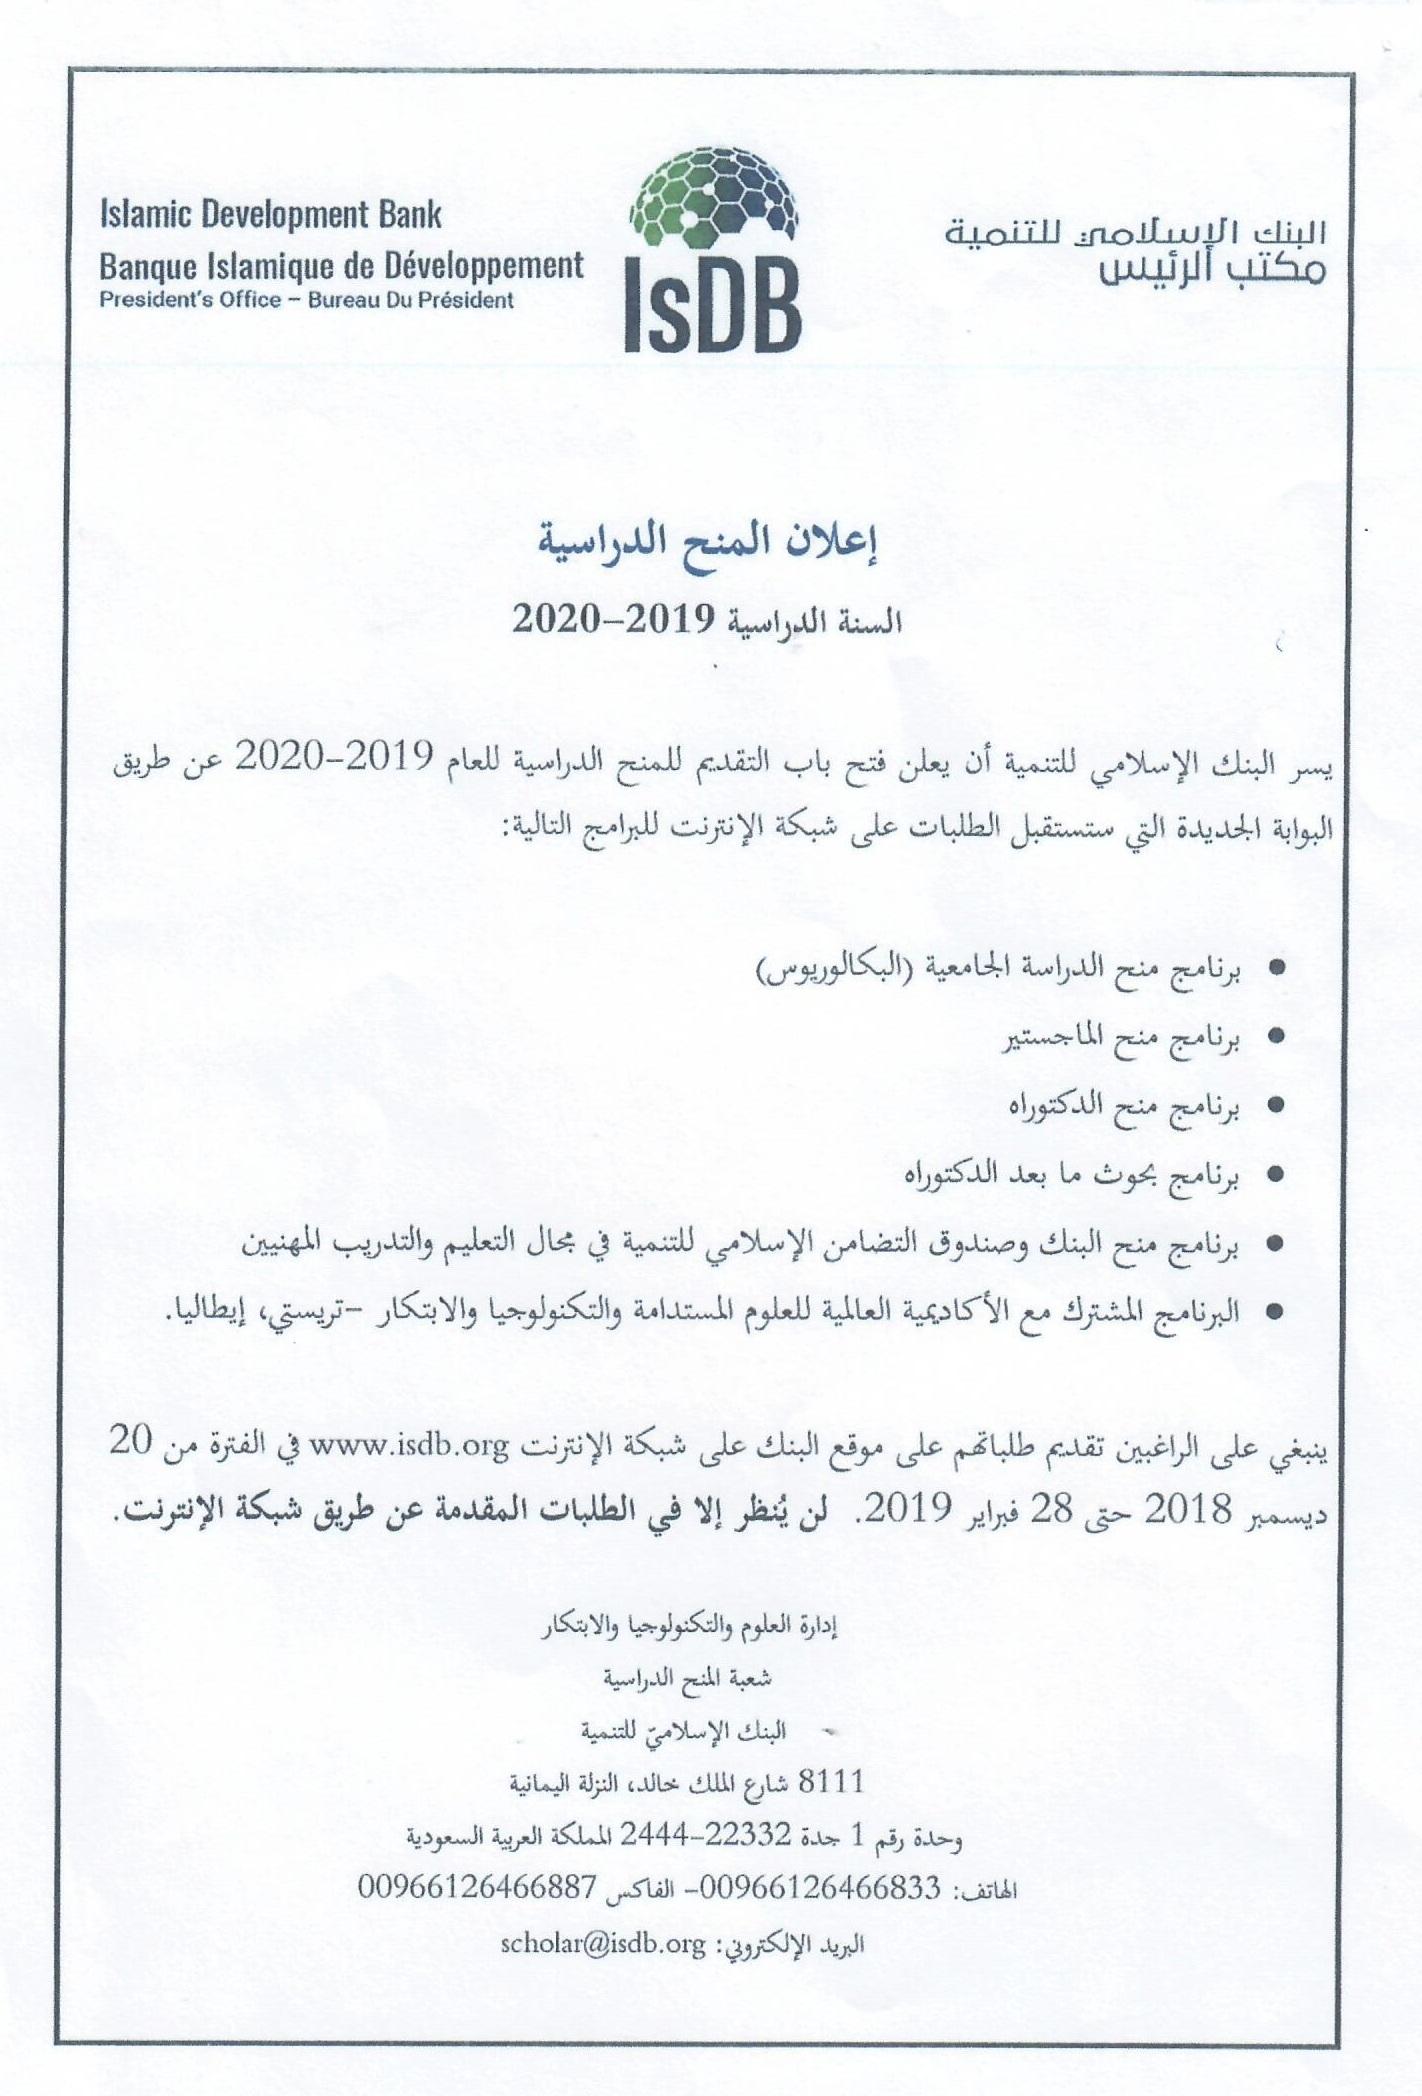 برنامج منح البنك الاسلامي للتنمية للسنة الداسية 2019 - 2020م